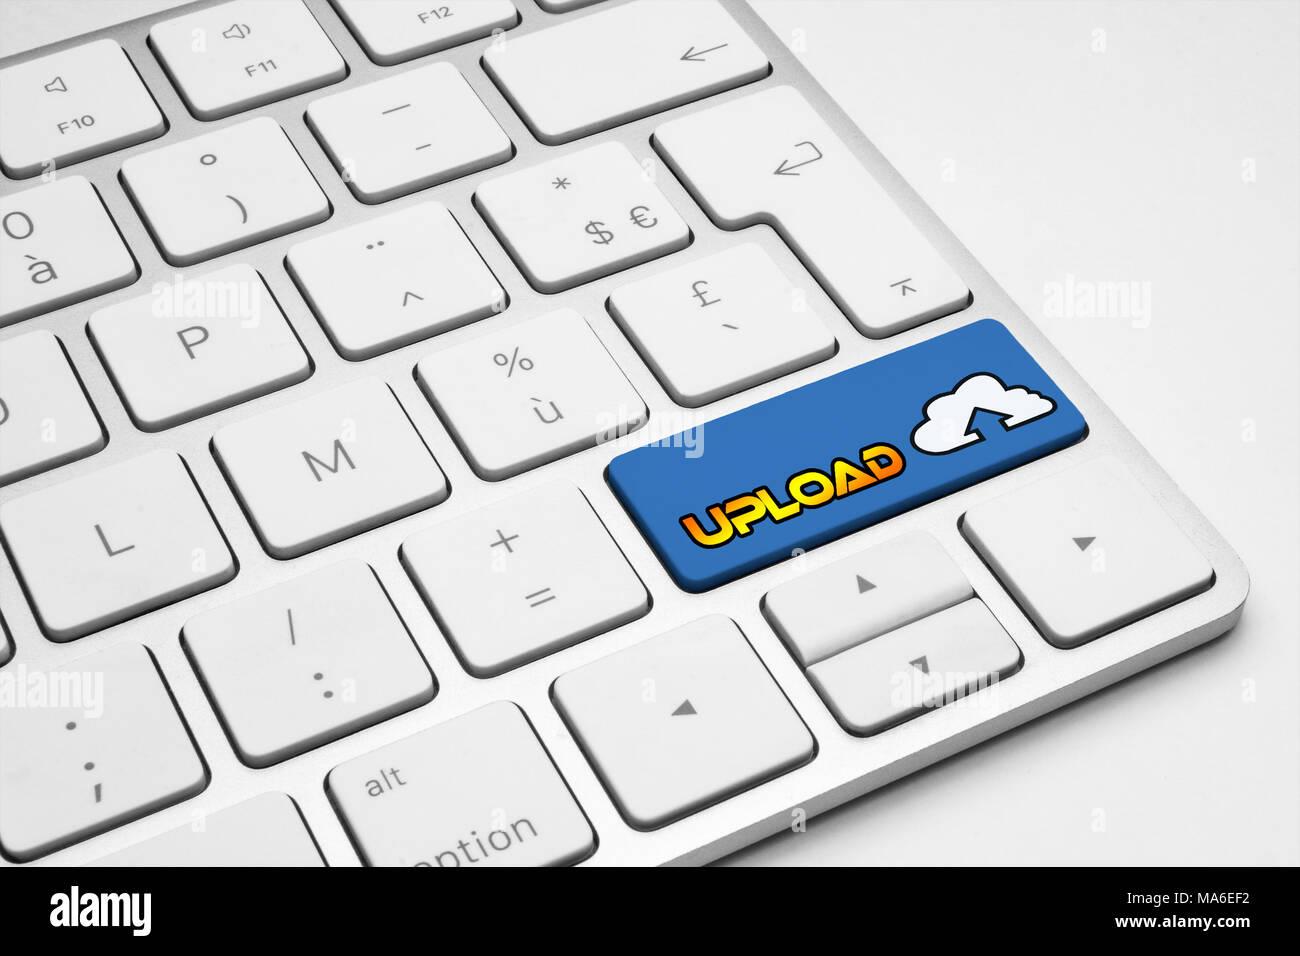 Enviar botón azul con un icono de mail en un teclado aislado blanco - internet, medios de comunicación social y el concepto de negocio Imagen De Stock